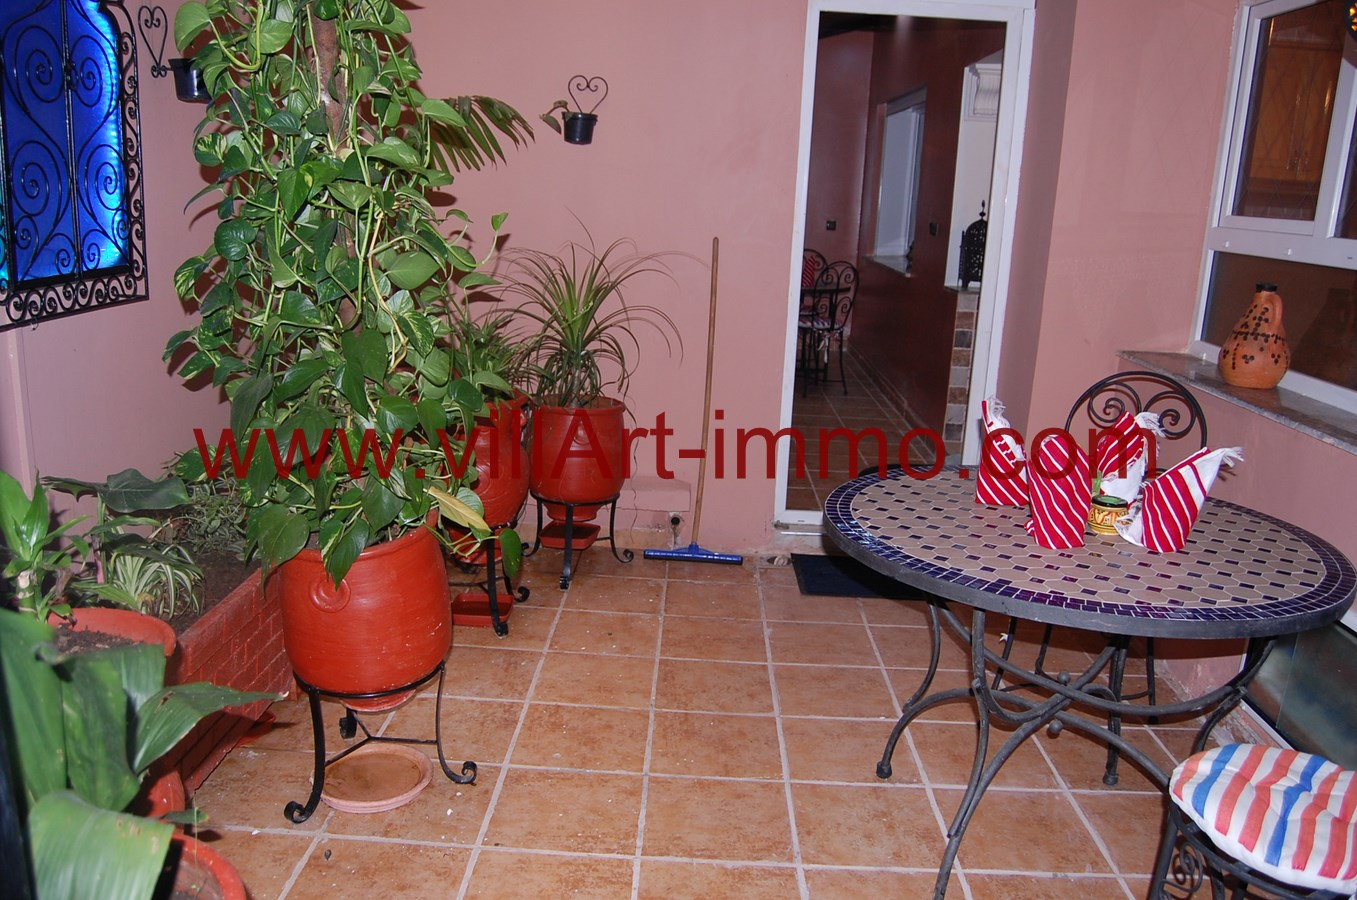 5-vente-appartement-tanger-iberia-sejour-va435-villart-immo